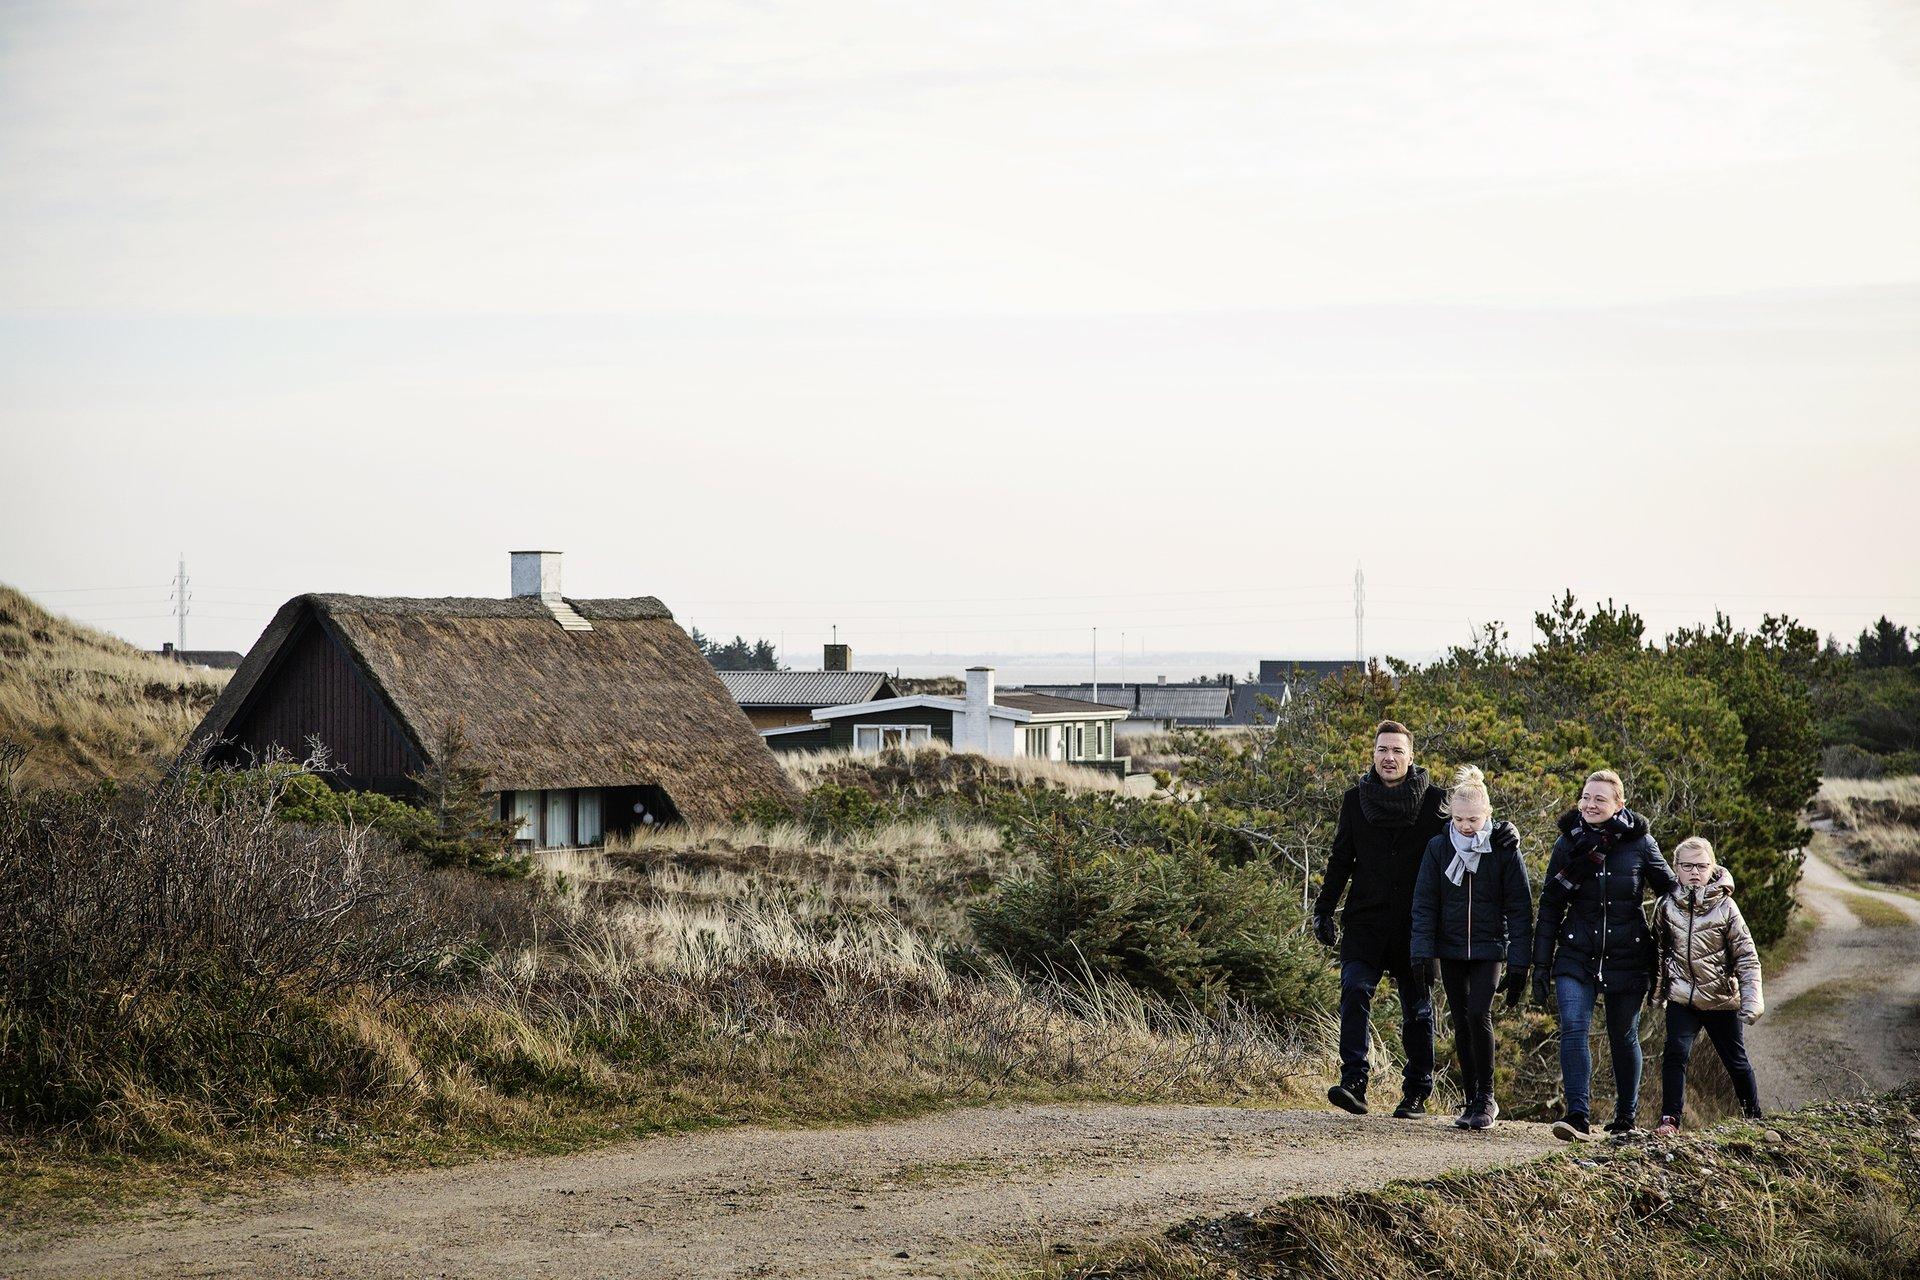 Med udsigt til fortsat lukkede landegrænser, har danskerne i år lejet dobbelt så mange ferie- og sommerhuse i vinter-, påske- og sommerferiemånederne som sidste år. Her er det Søndervig på den jyske Vestkyst. Arkivpressefoto via VisitDenmark: Mikkel Heriba.